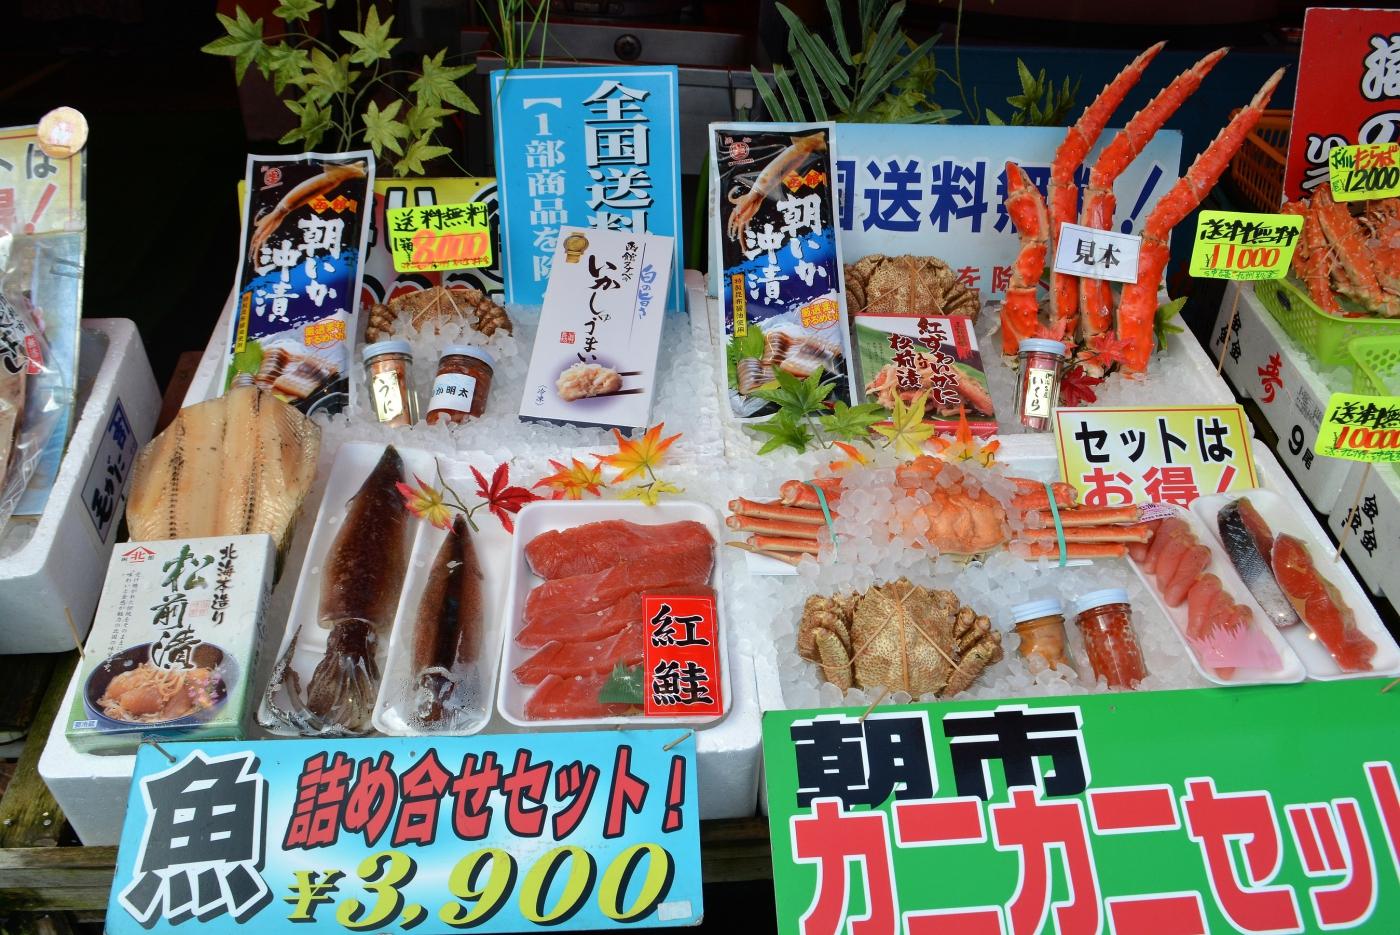 北海道自駕游 - 函館食篇_圖1-23